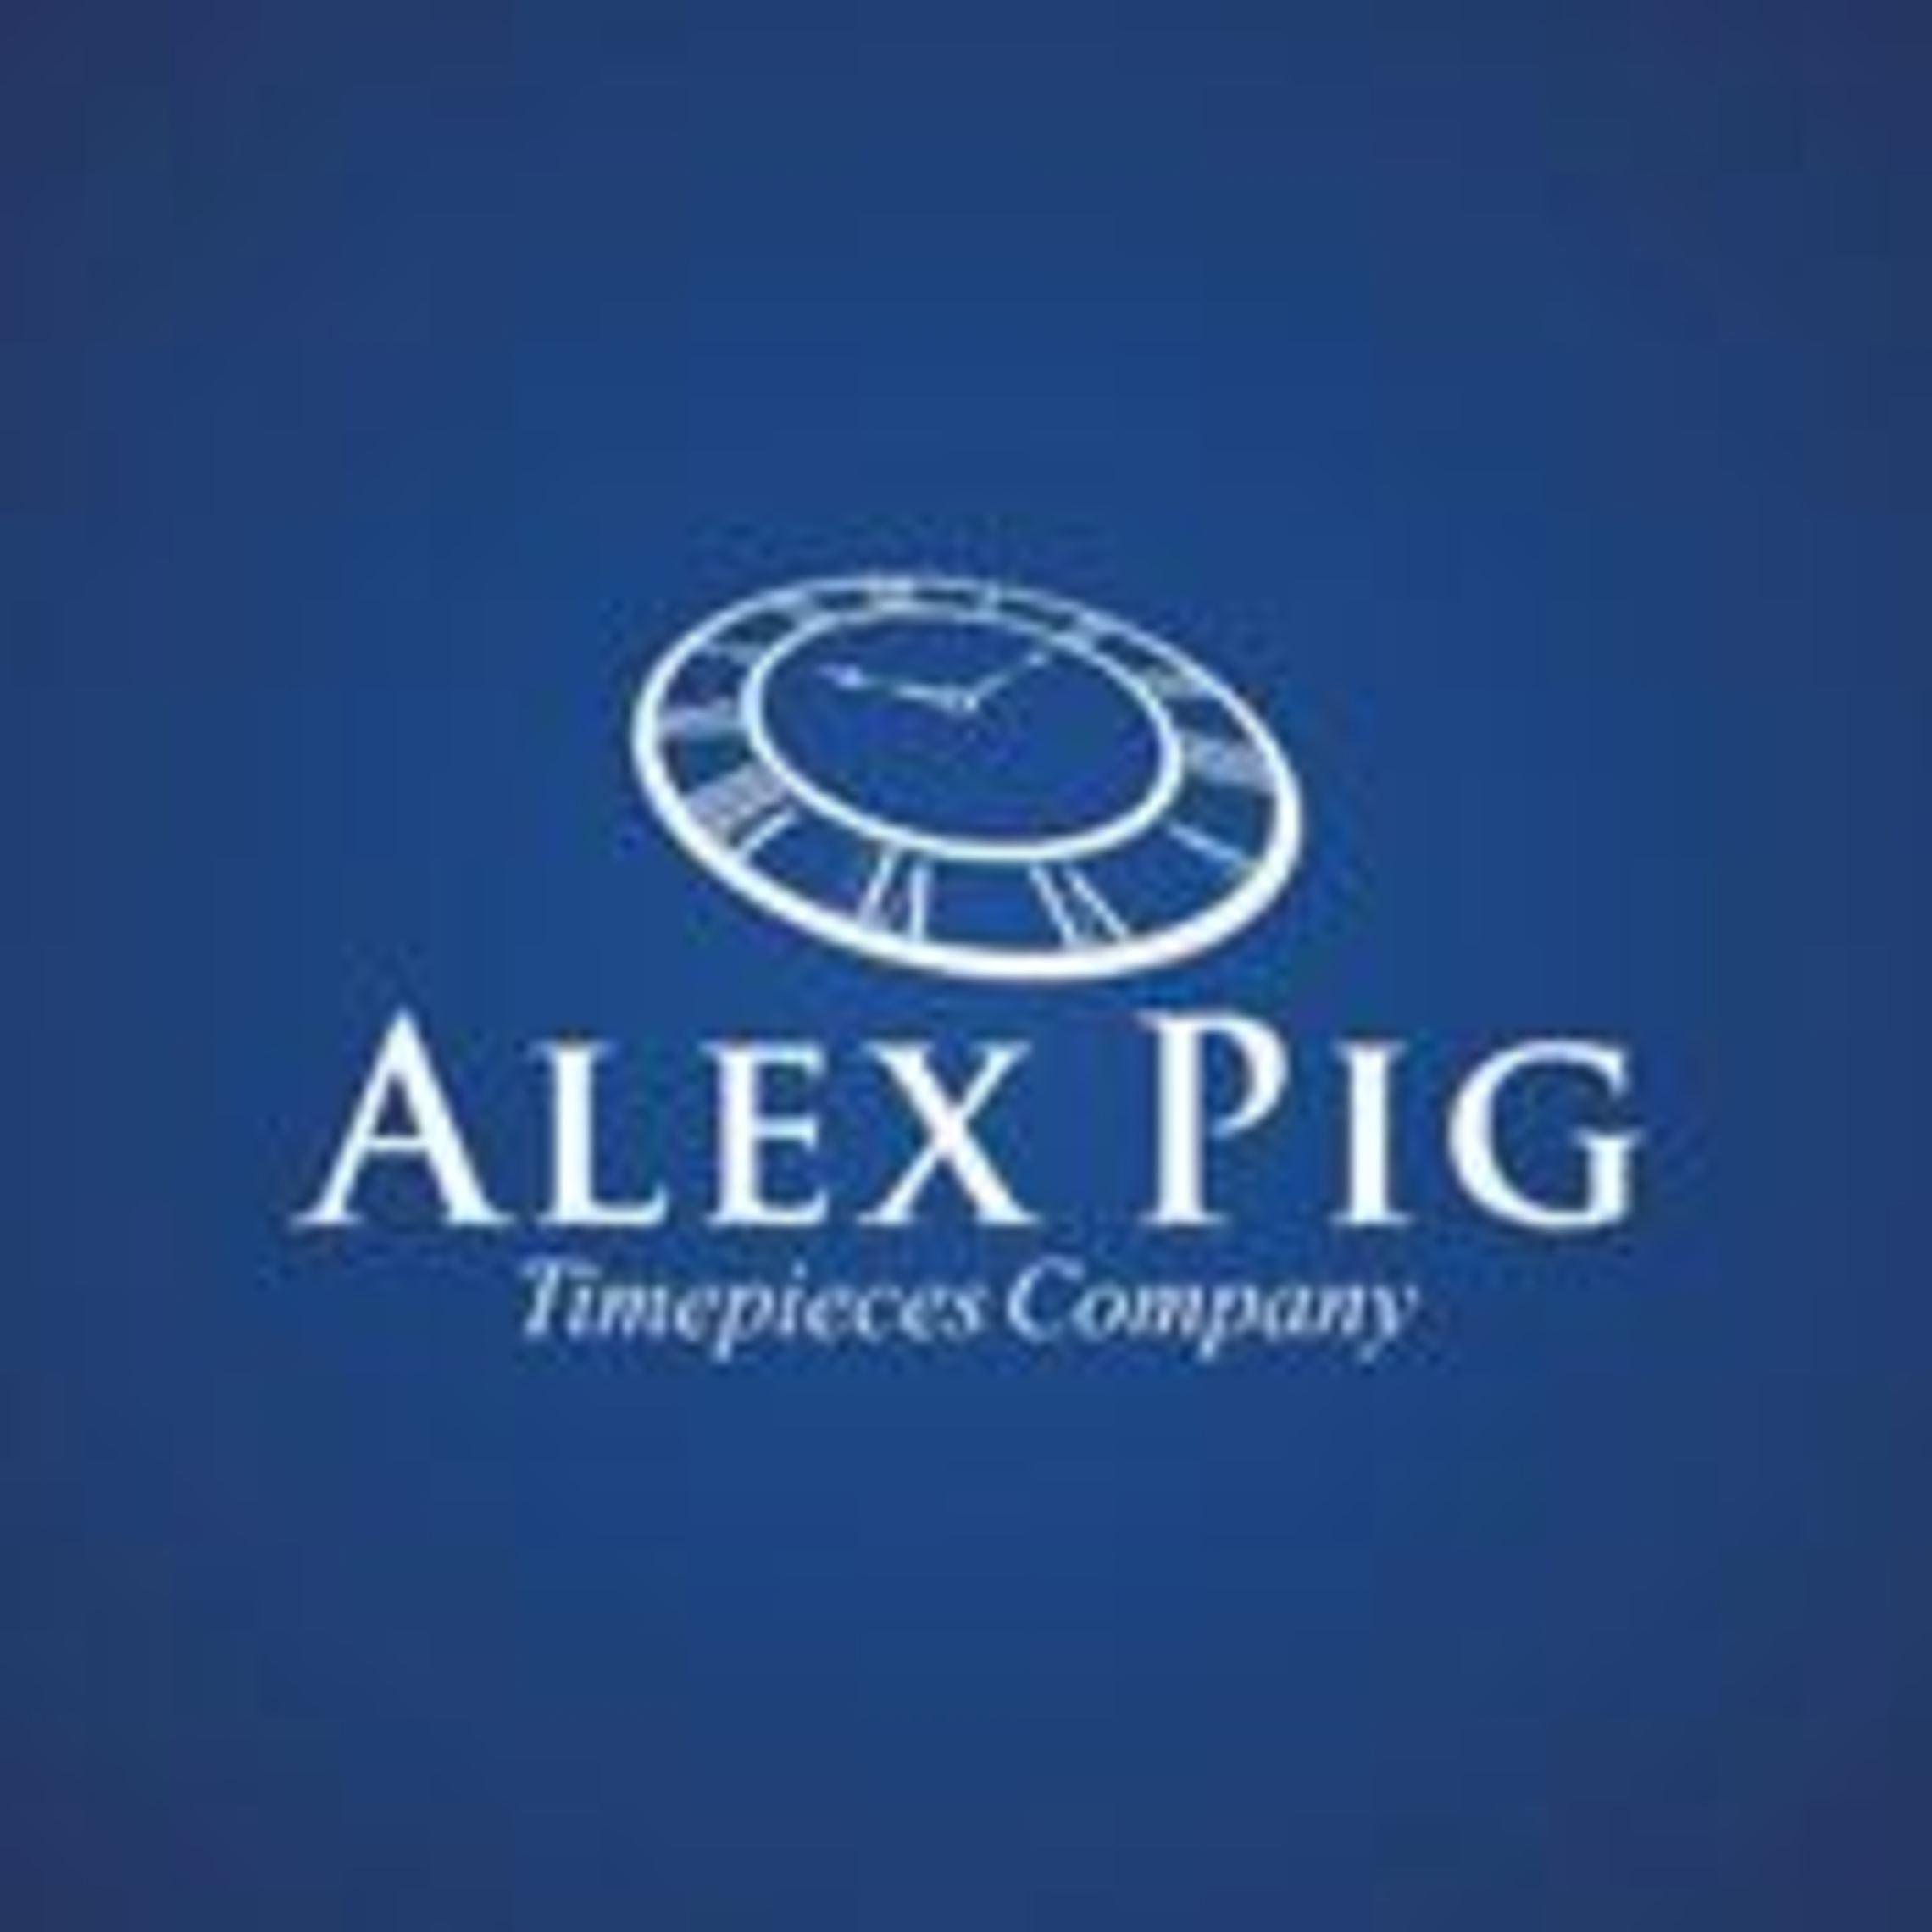 alex pig timepieces- company logo